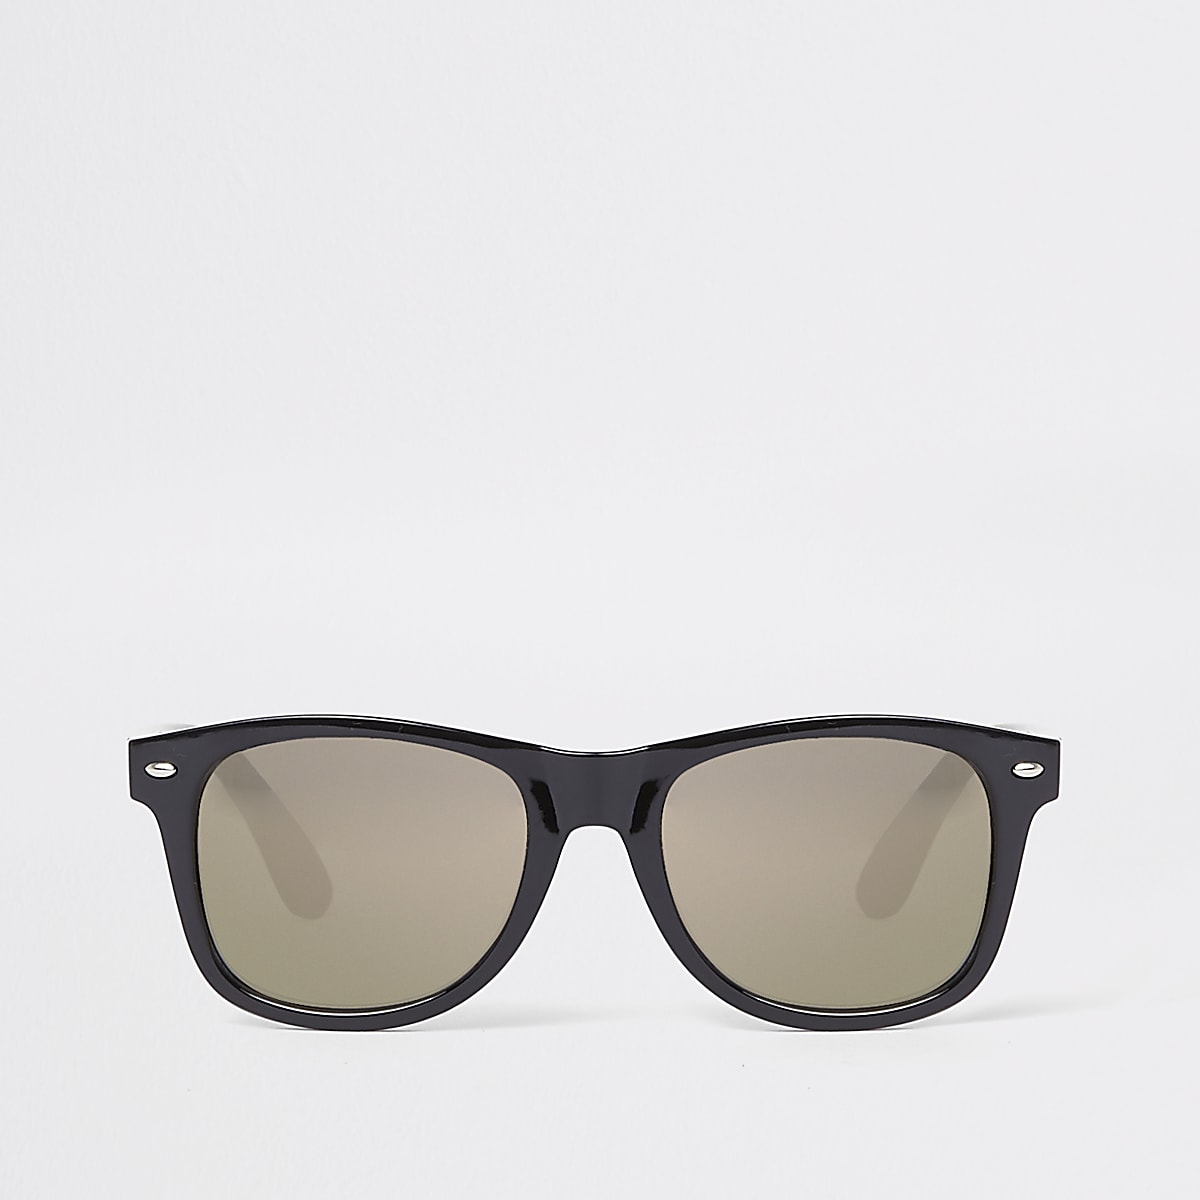 Zwarte met goudkleurige retro zonnebril met vierkante grijze glazen